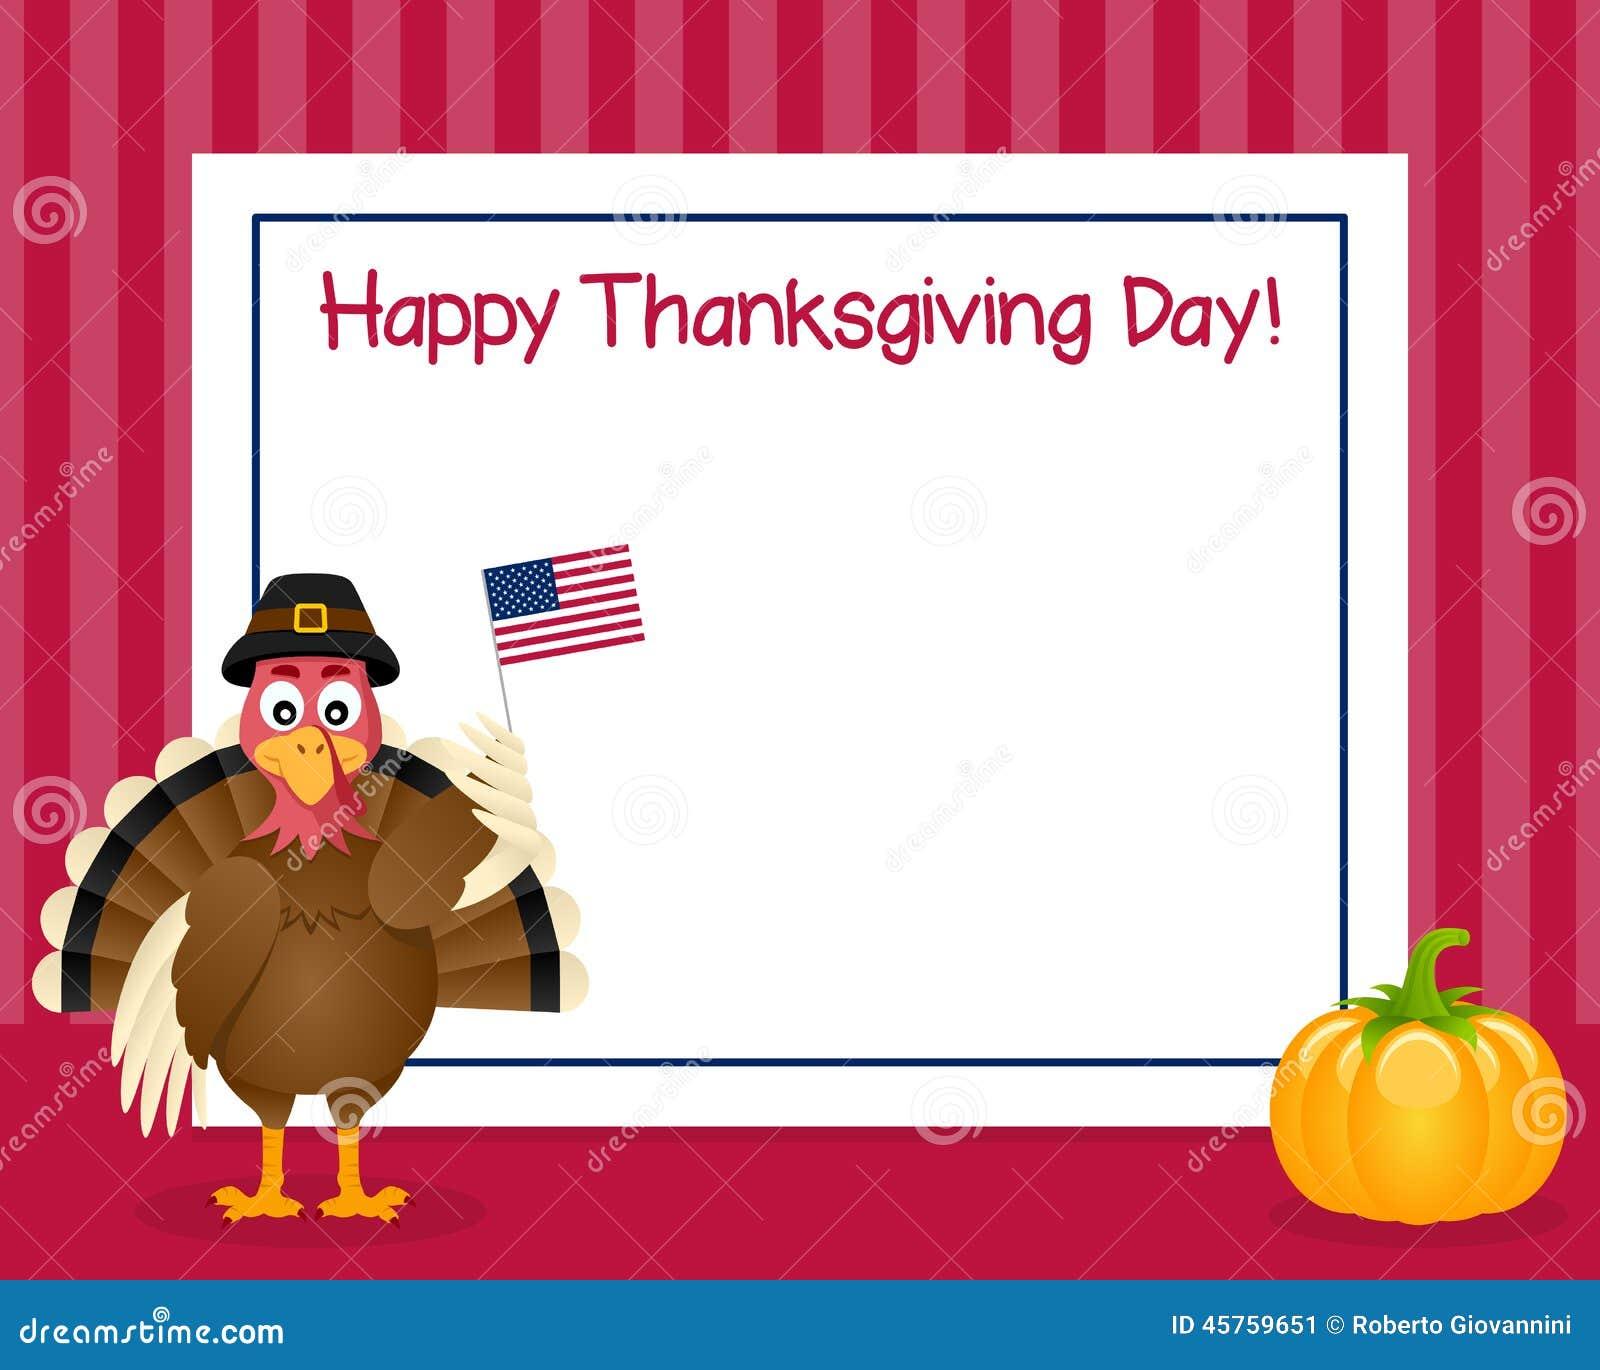 Рамка Турции официальный праздник в США в память первых колонистов Массачусетса горизонтальная